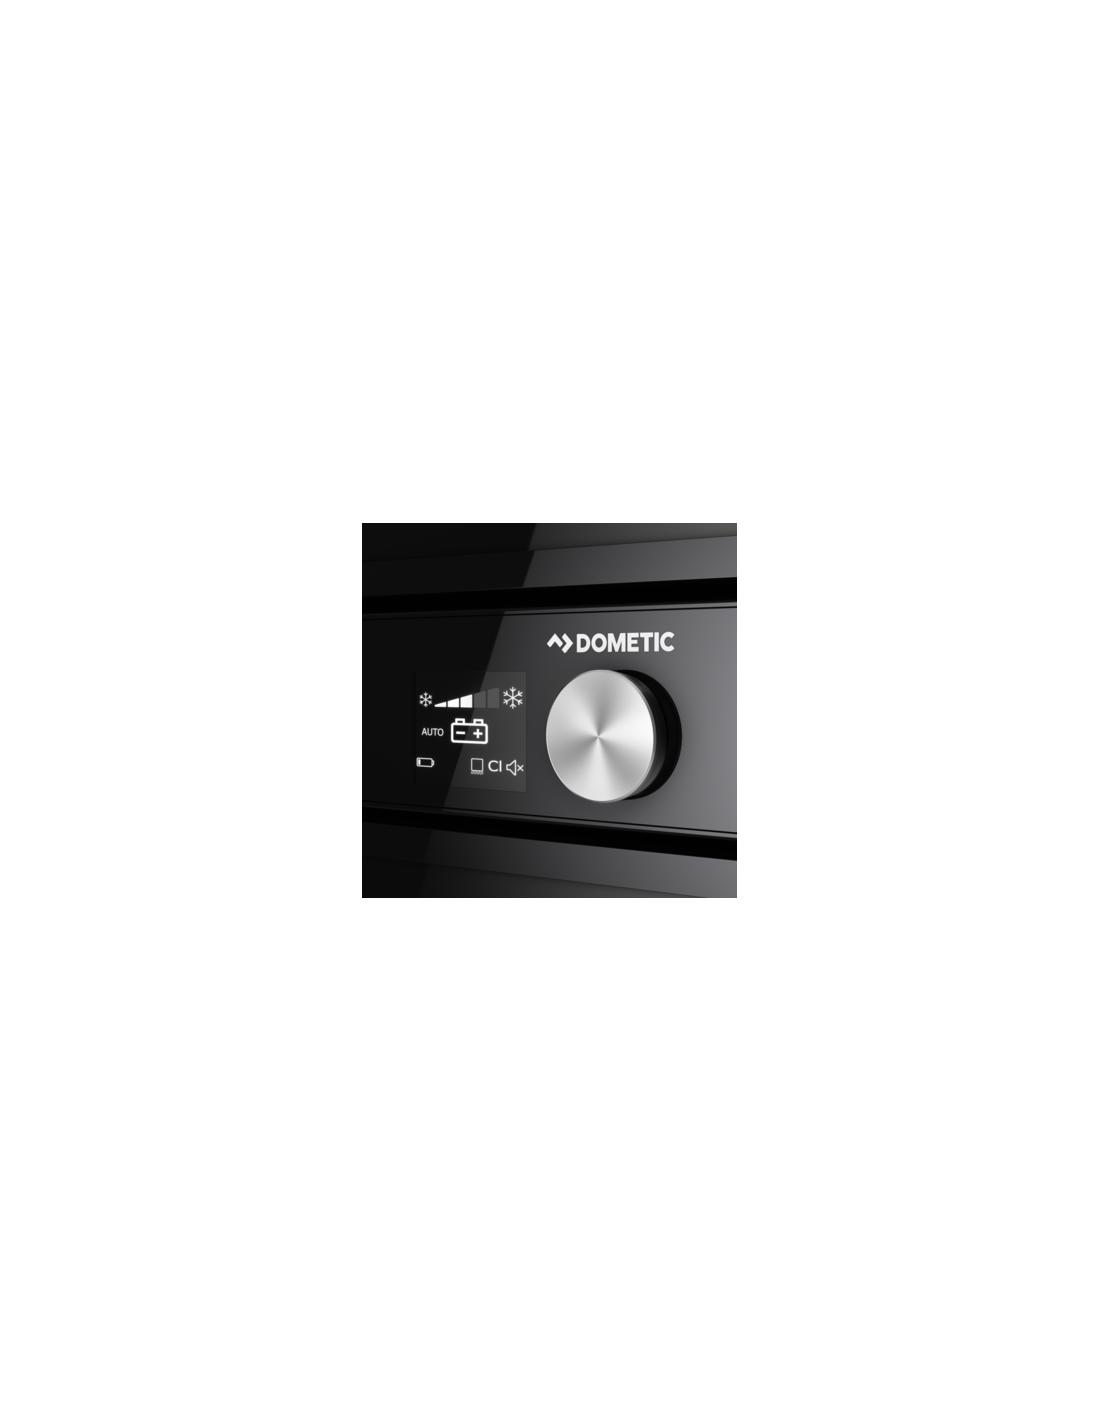 Dometic RMD 10 5XT extra space - frigolab eu